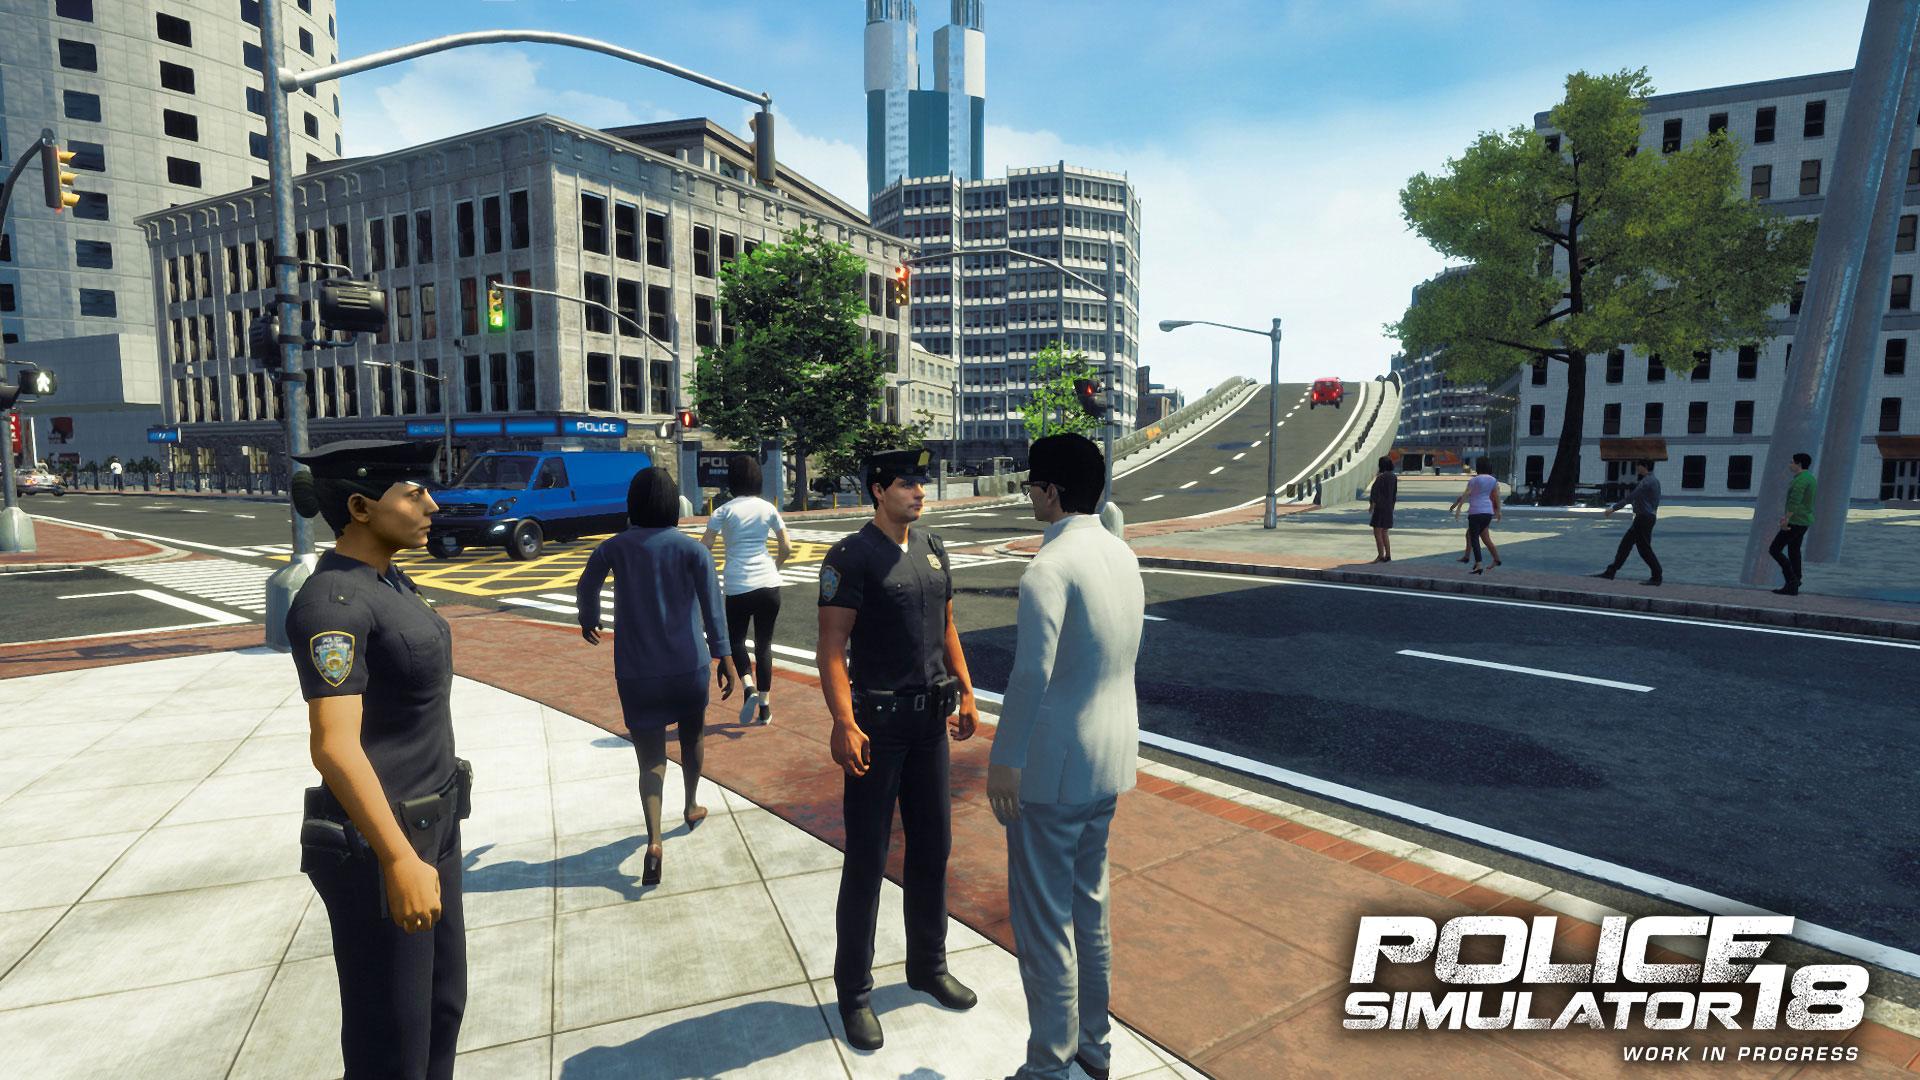 Screenshot von Police Simulator 18